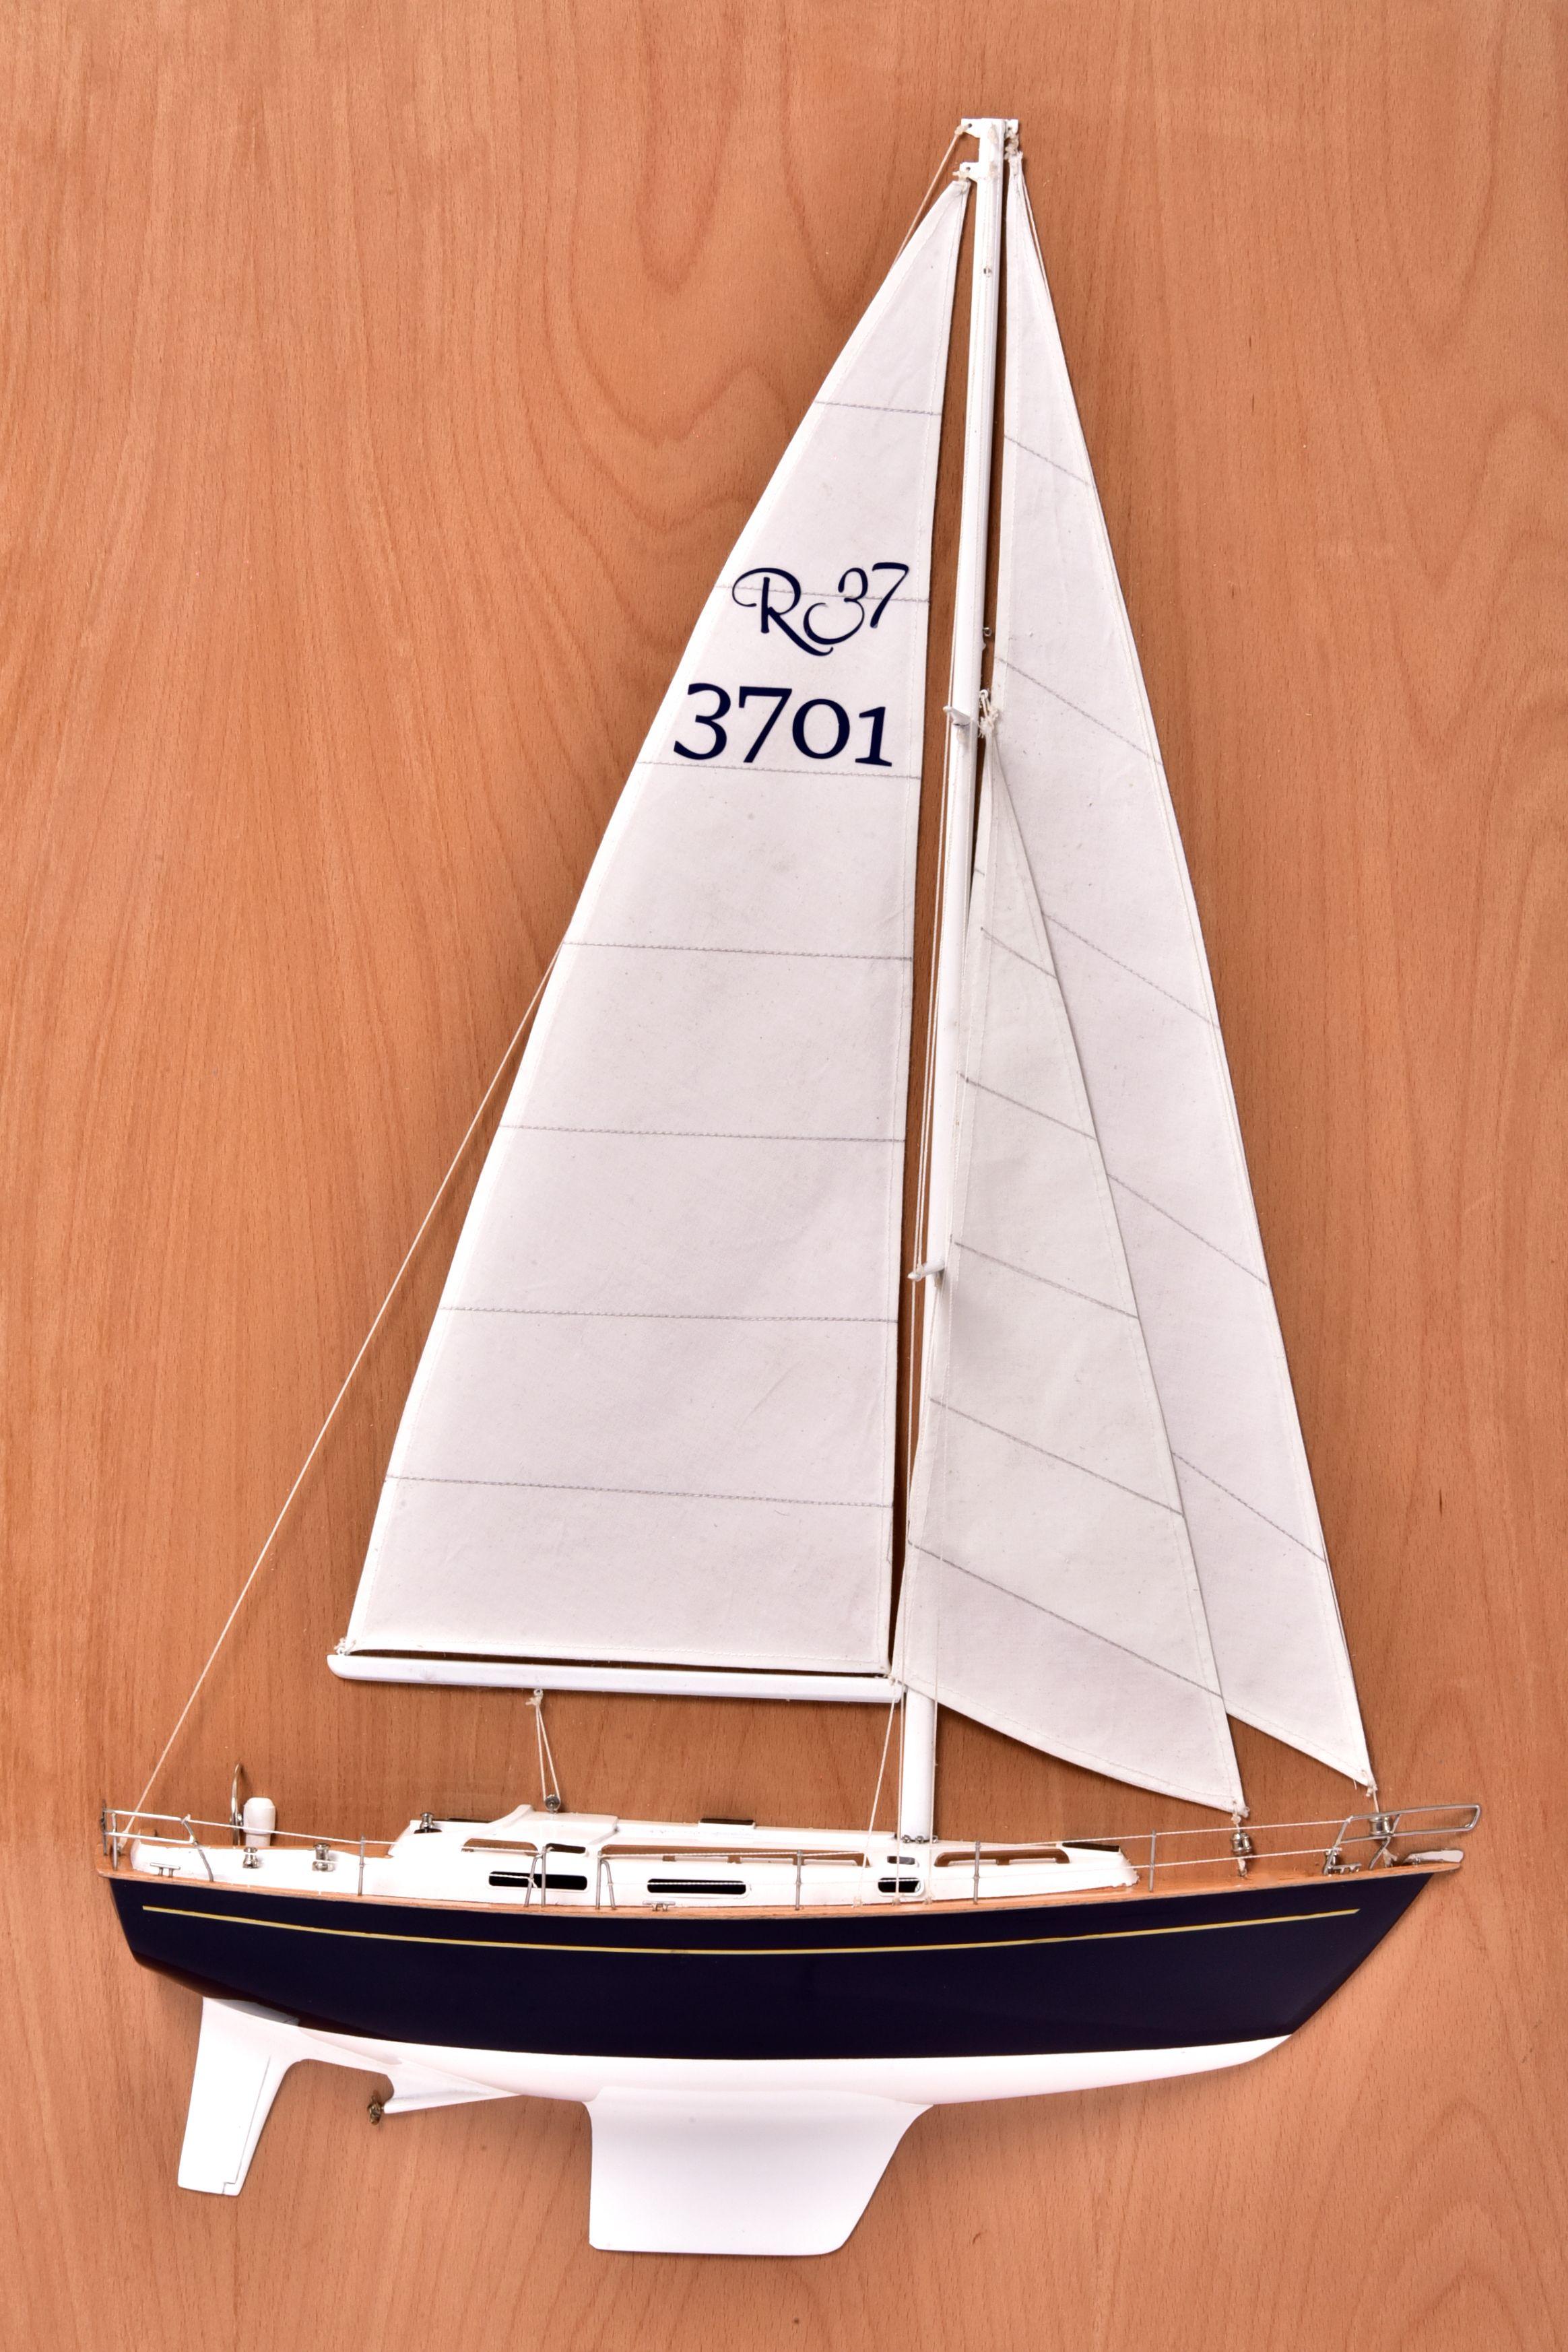 Half Model of Rustler 37